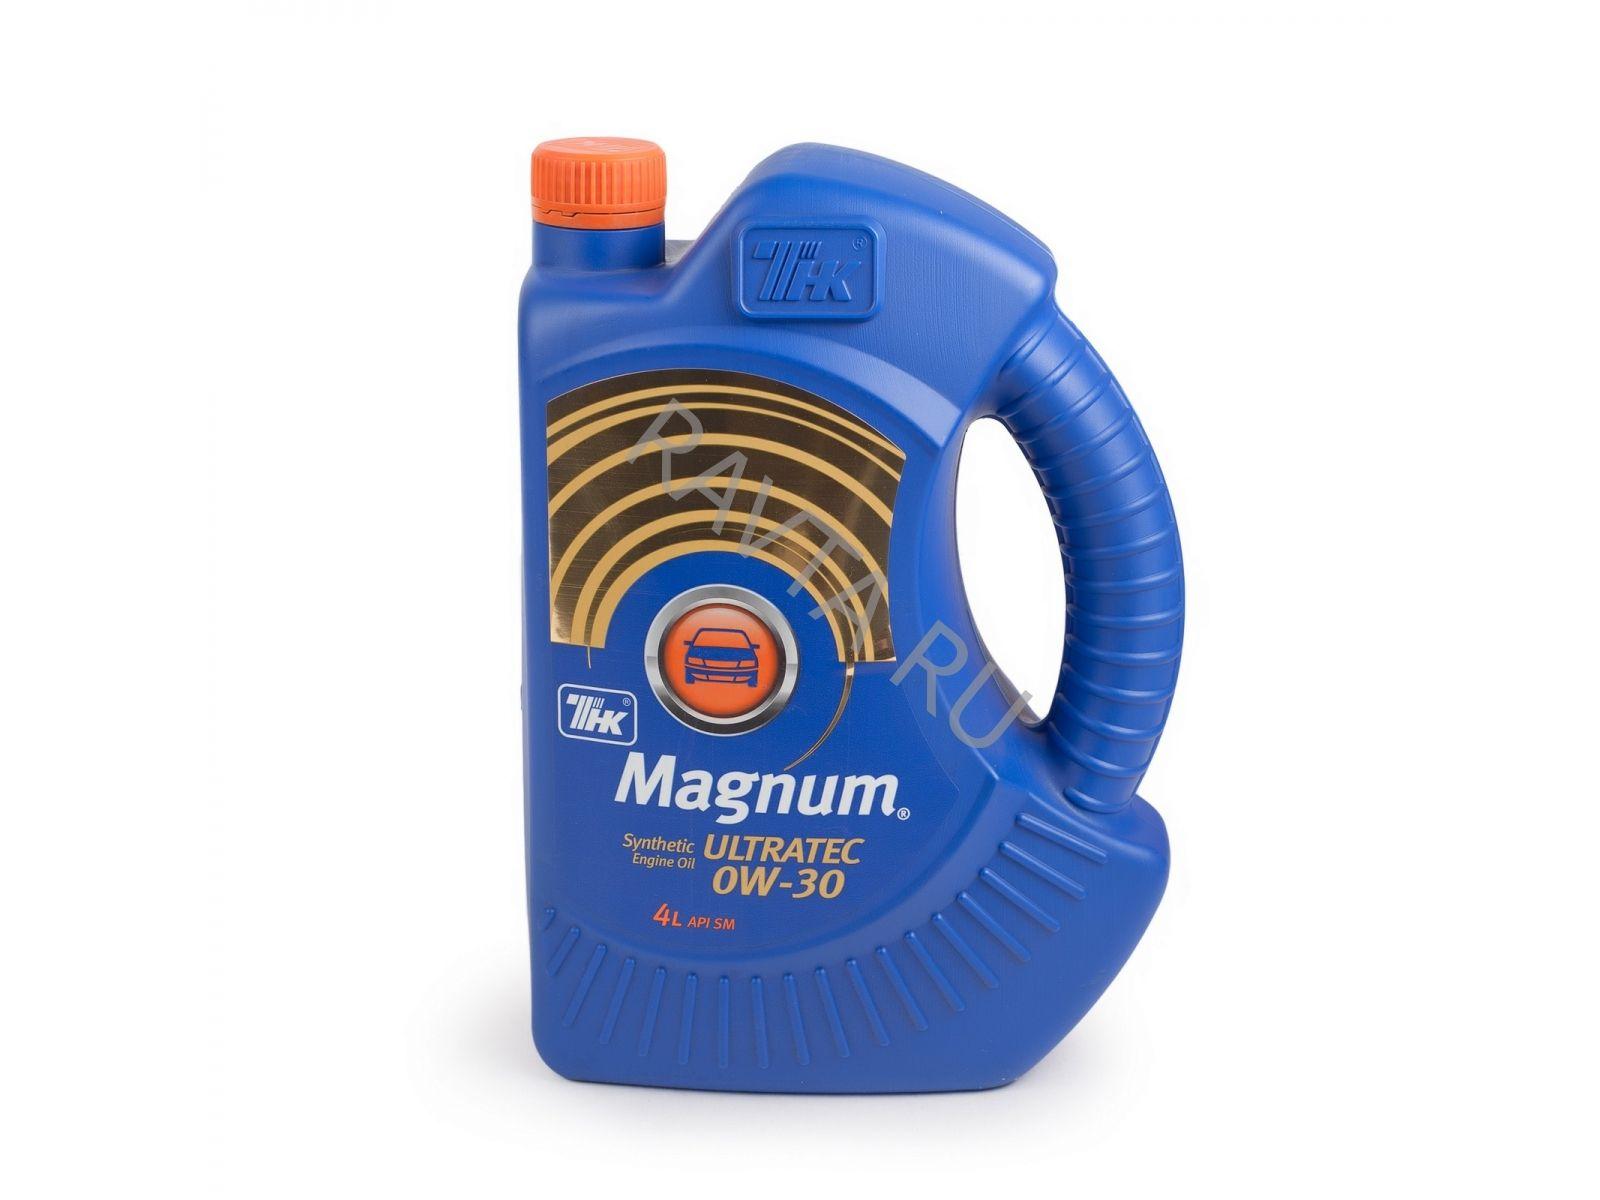 Масло ТНК Magnum Ultratec 0W 30 (4л) от Ravta